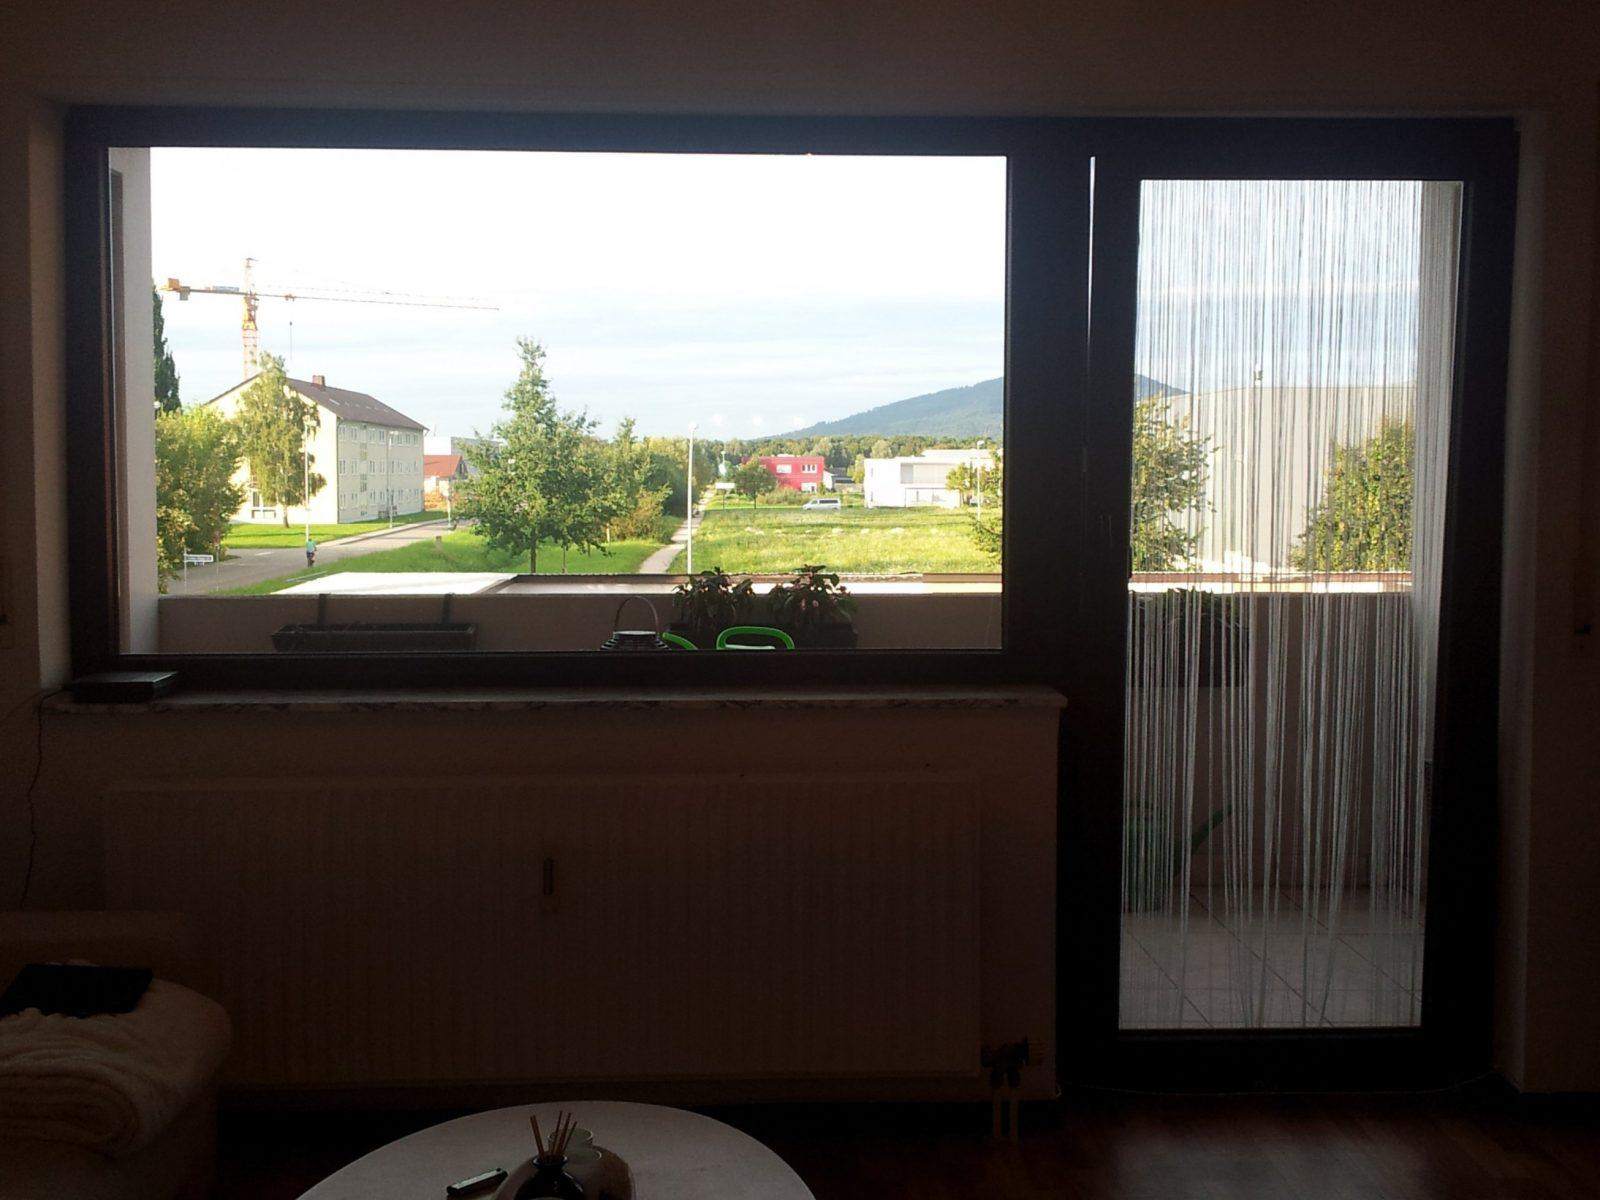 30 Einzigartig 30 Von Gardinen Balkontür Und Fenster Konzept von Gardinen Für Großes Fenster Mit Balkontür Bild